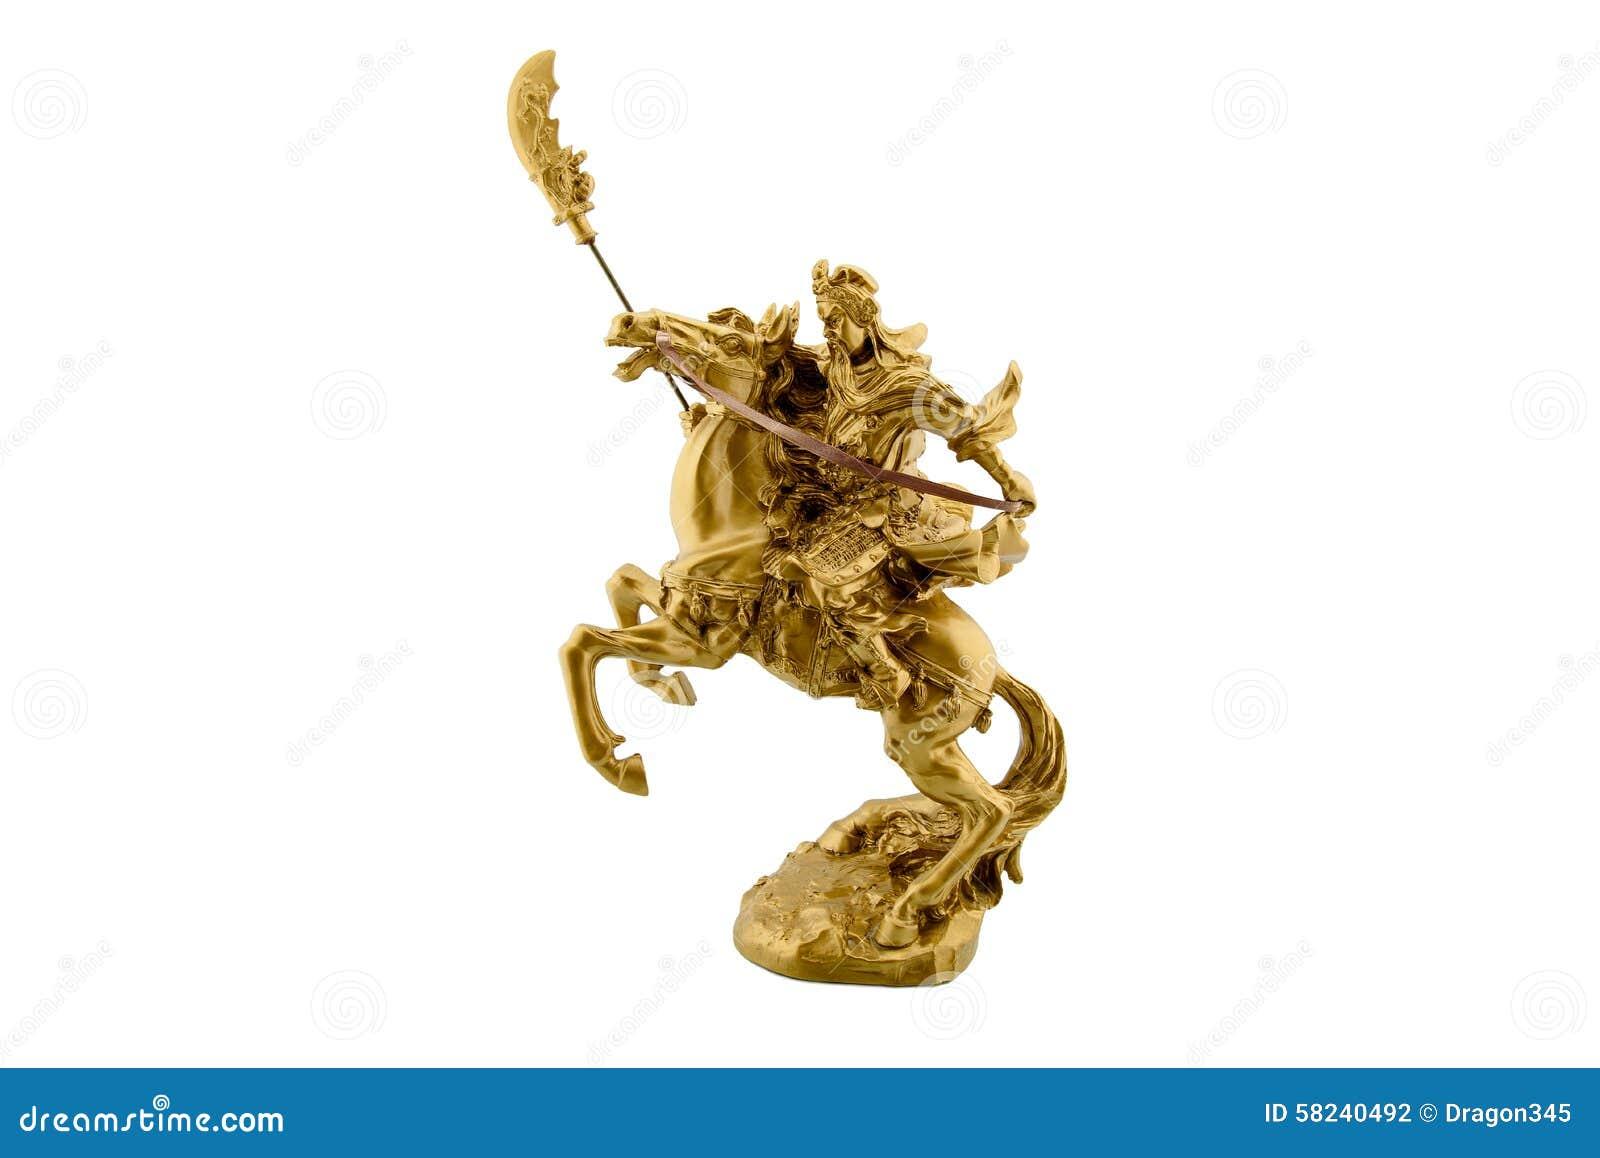 Beeldje van legendarisch Chinees algemeen Guan Yu die op horseback berijden